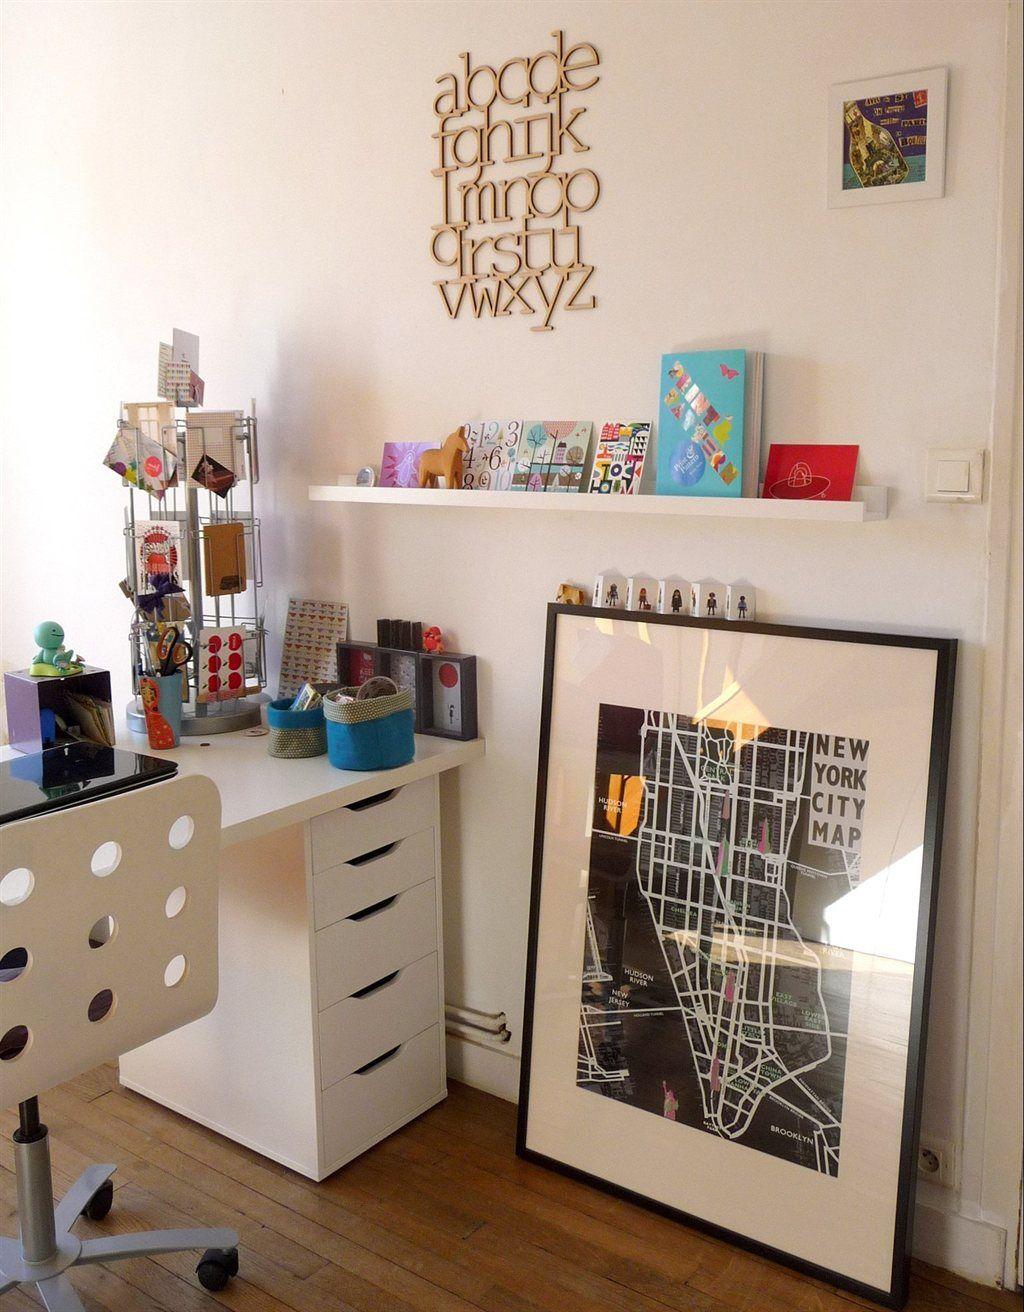 ikea family live vous nantes l i v i n g pinterest study nook interior work and. Black Bedroom Furniture Sets. Home Design Ideas